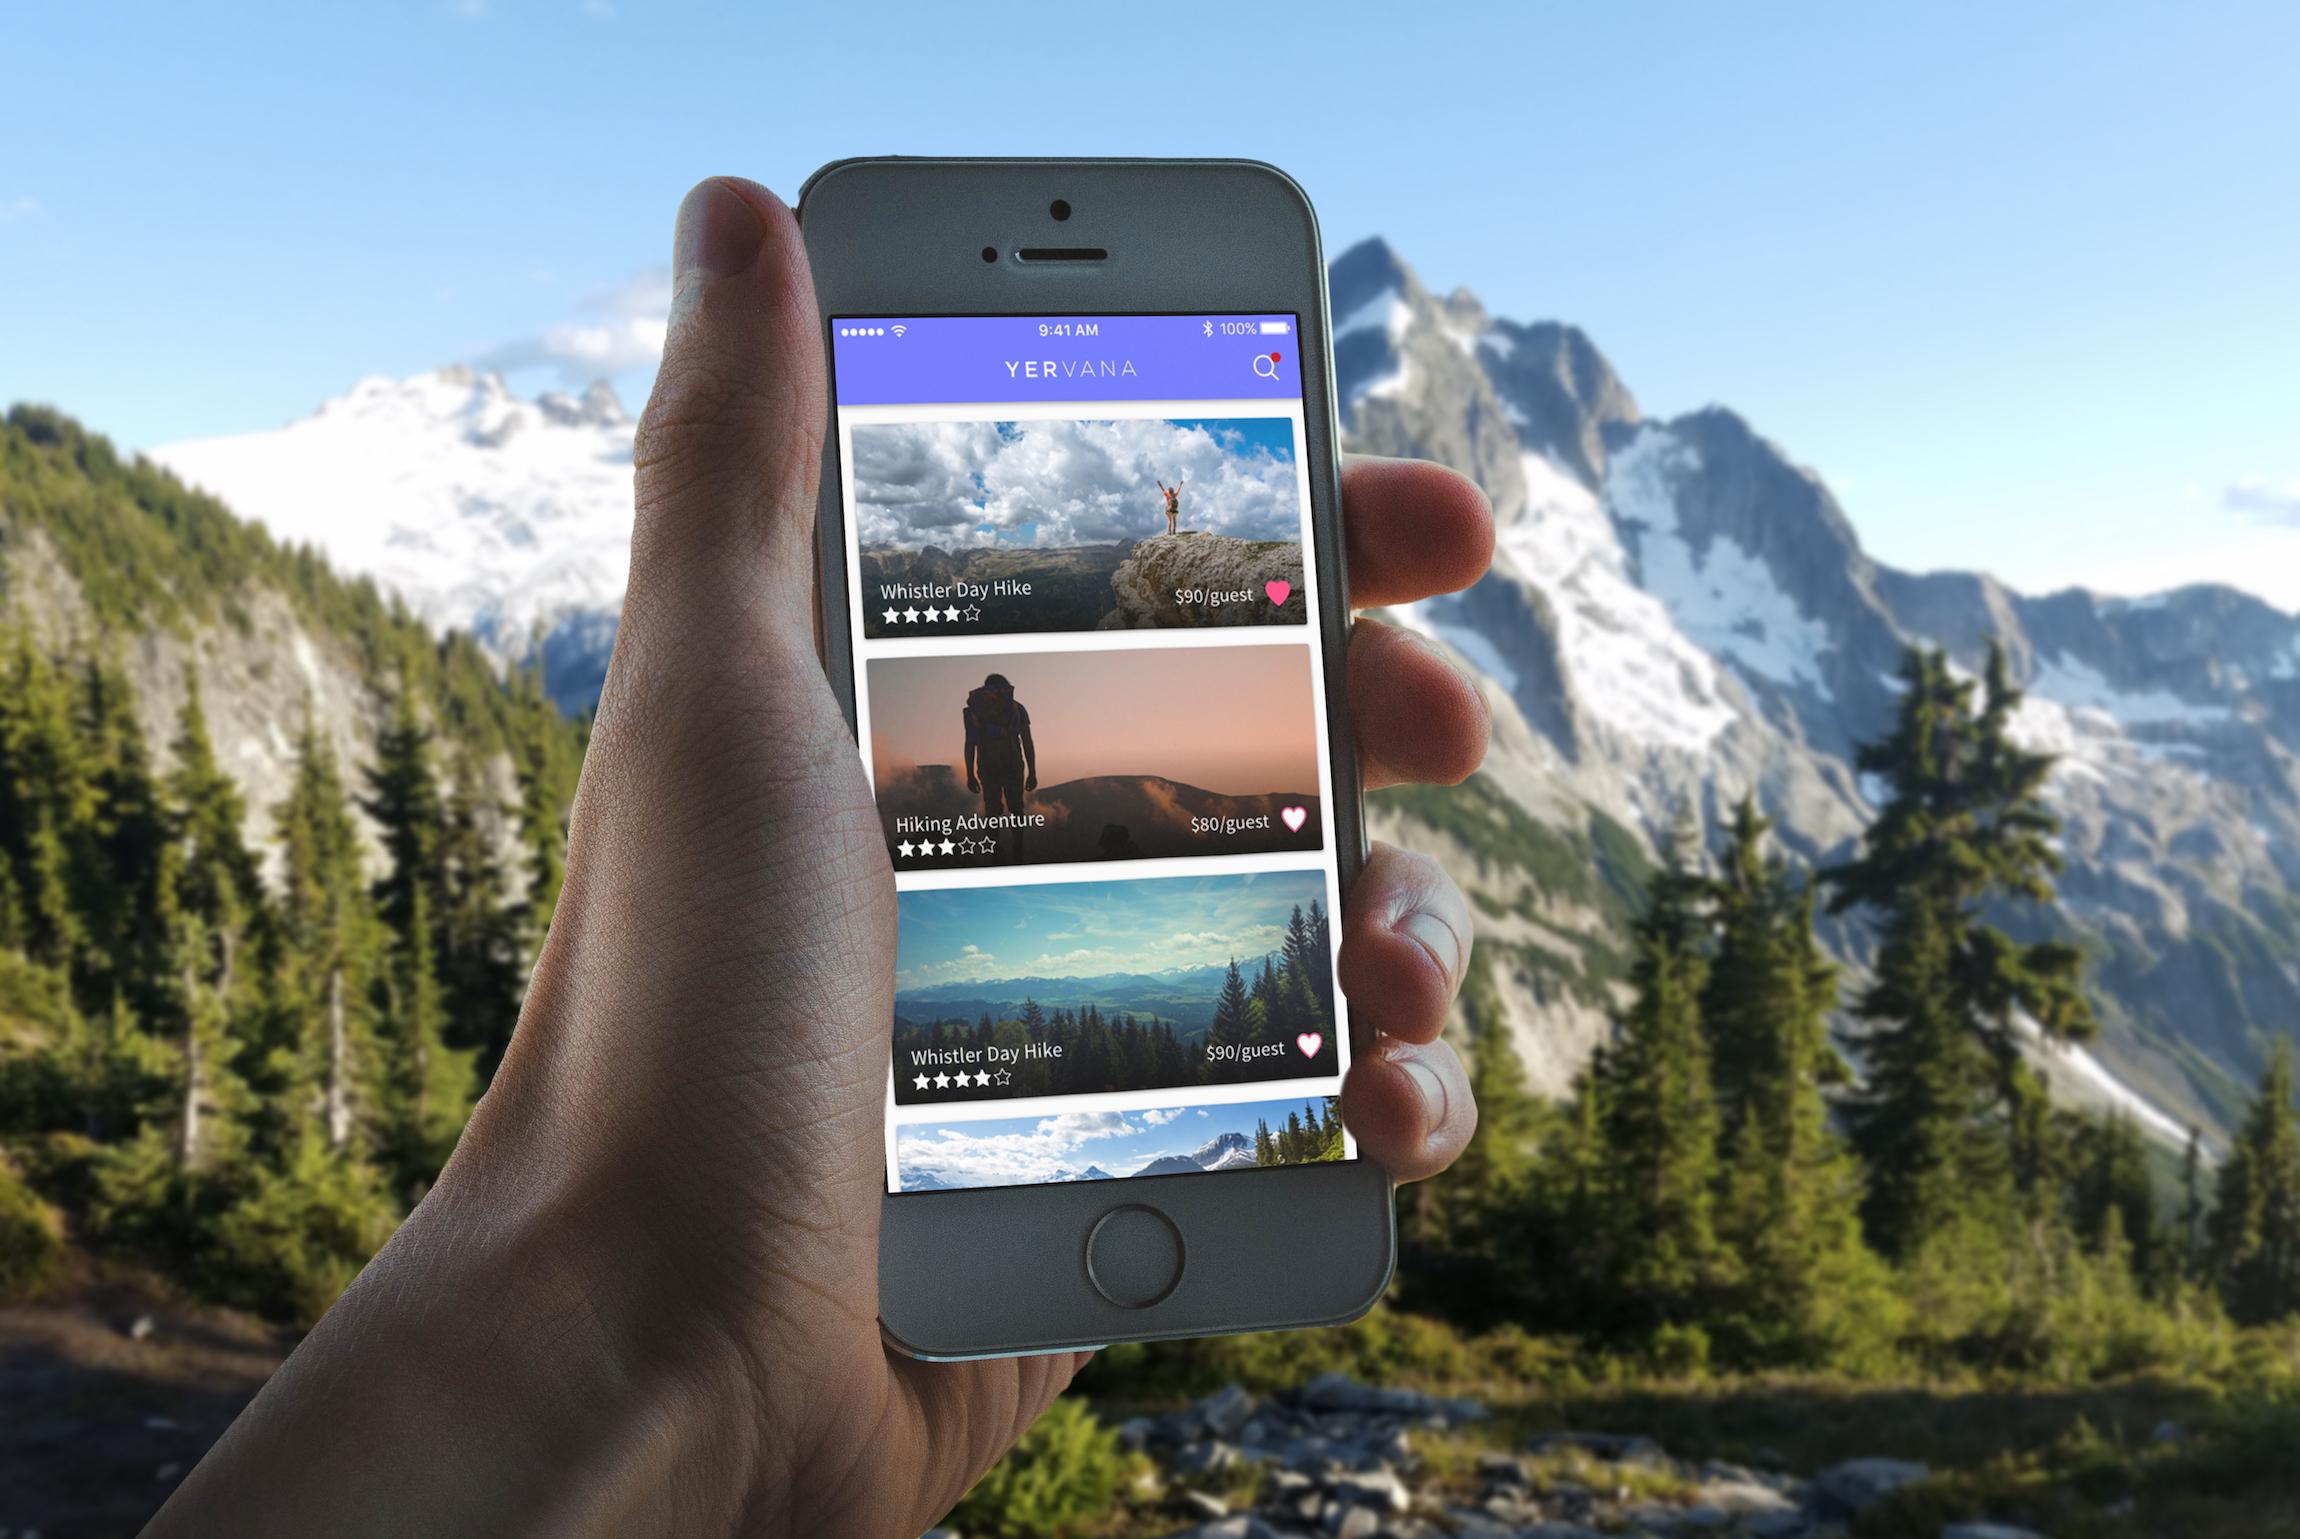 Final mockup of Yervana app in users hands